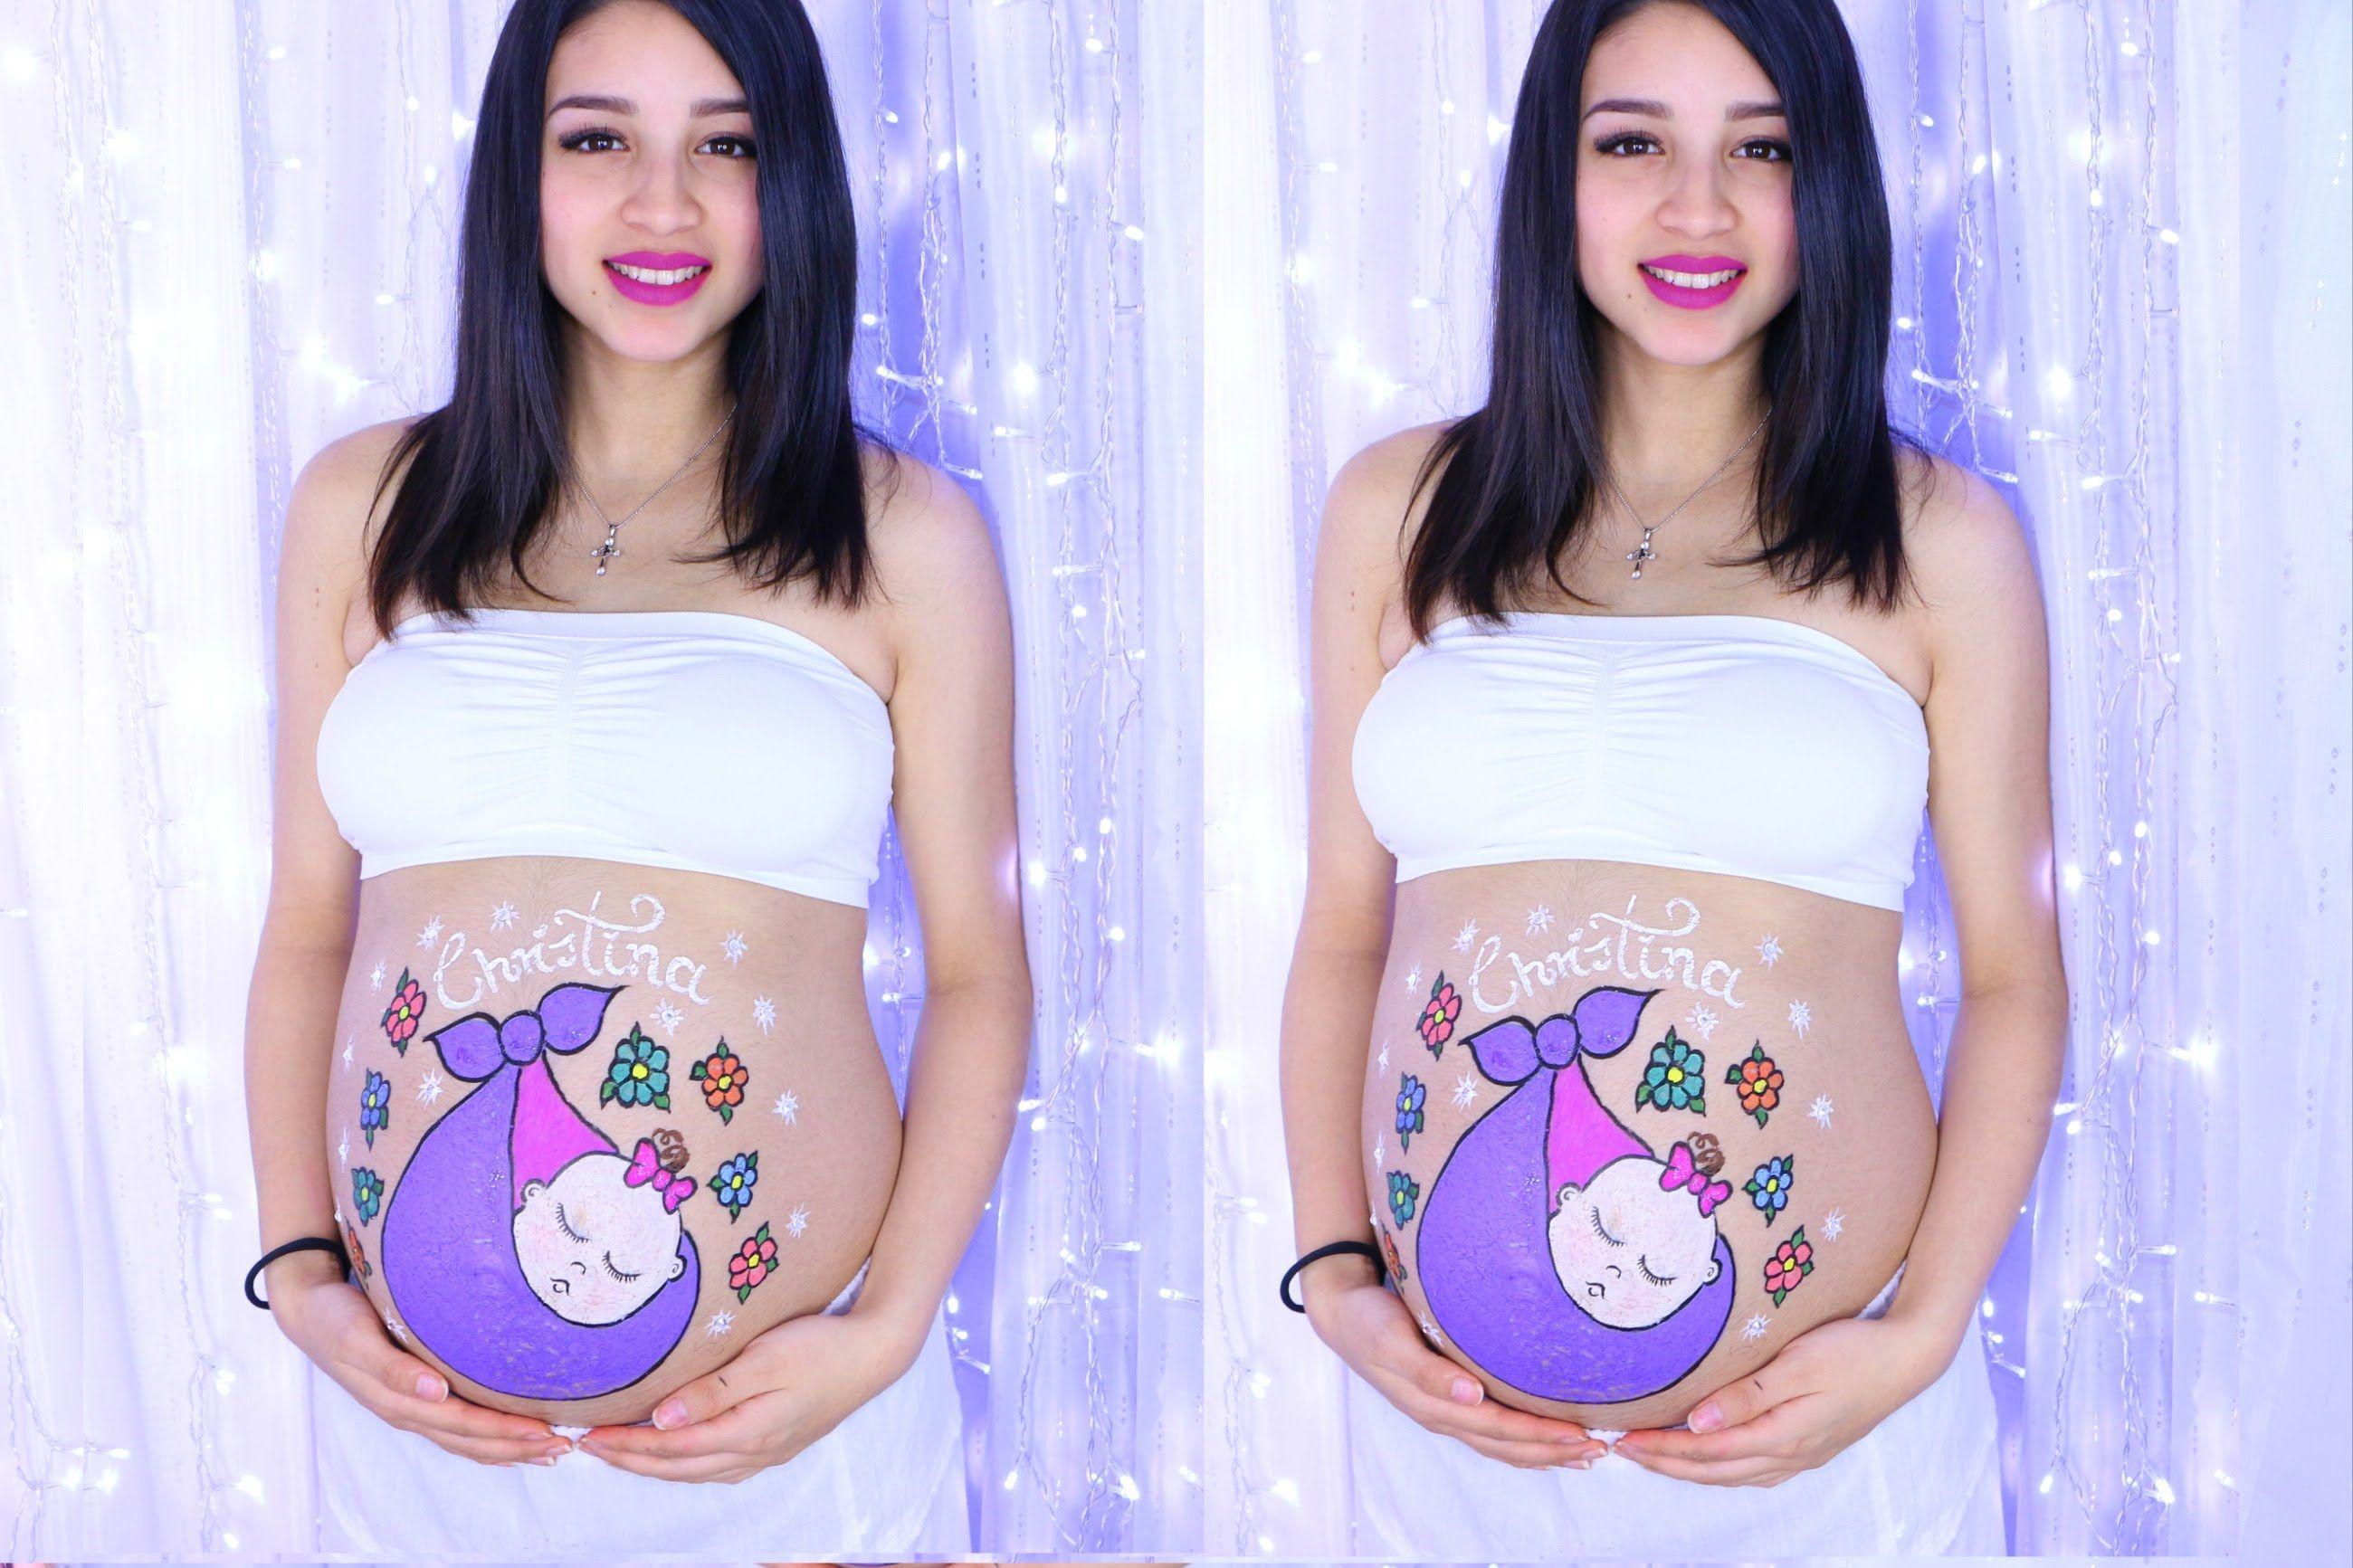 Dibujando La Pancita De Mi Amiga Vientre Embarazado Dibujo Barriga Embarazada Panzas De Embarazadas Pintadas